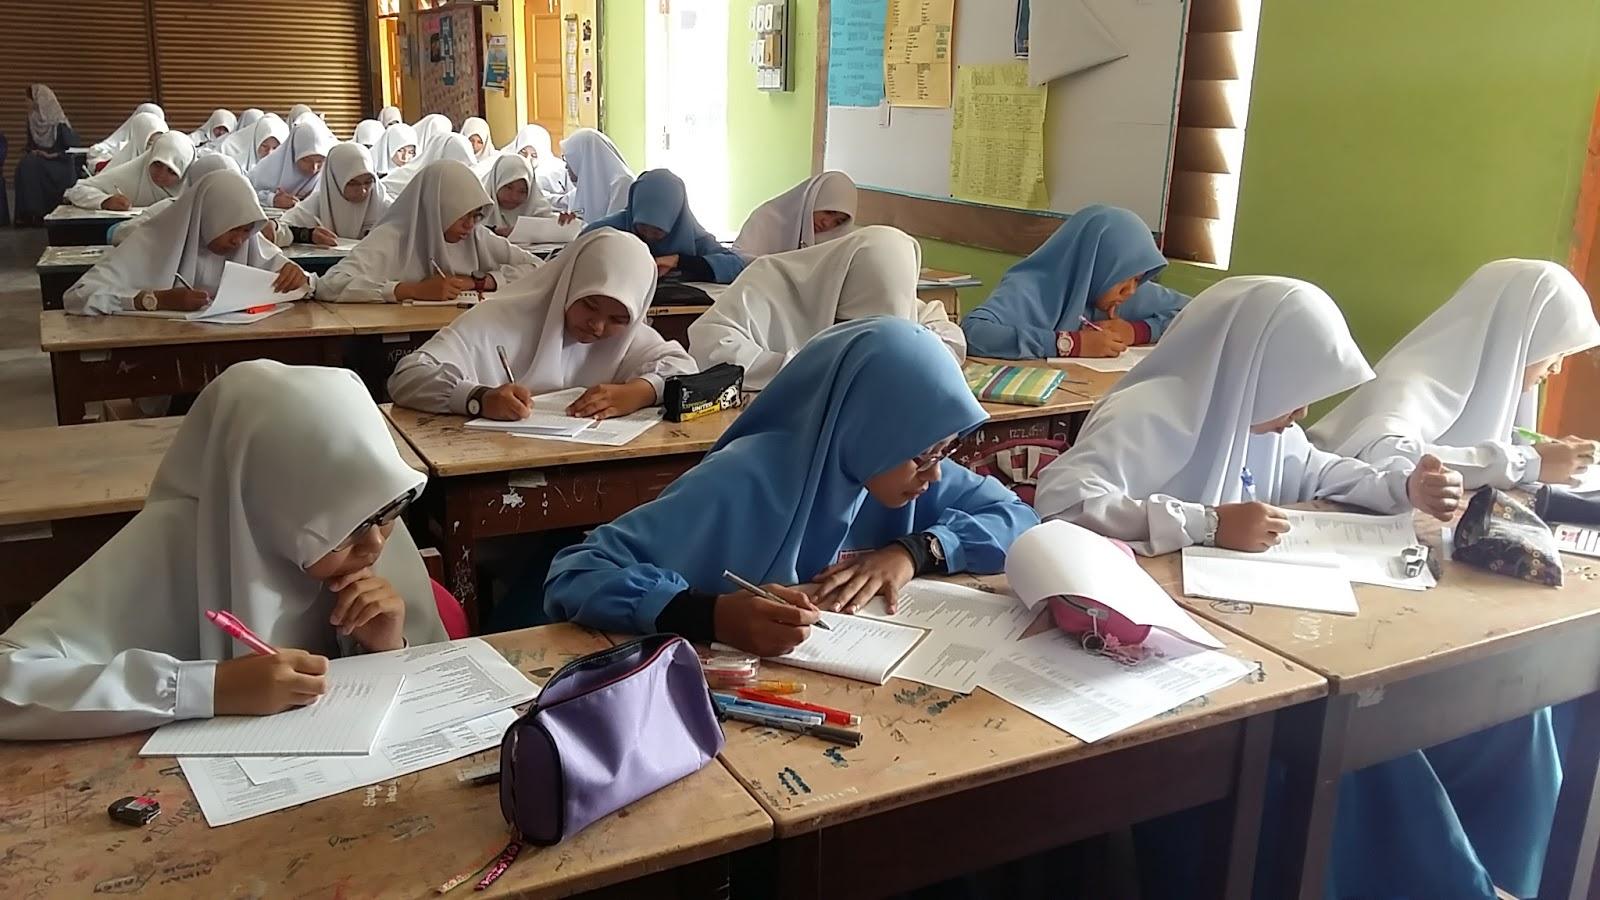 Ceramah Sains Pt3 Di Sma Fauzi